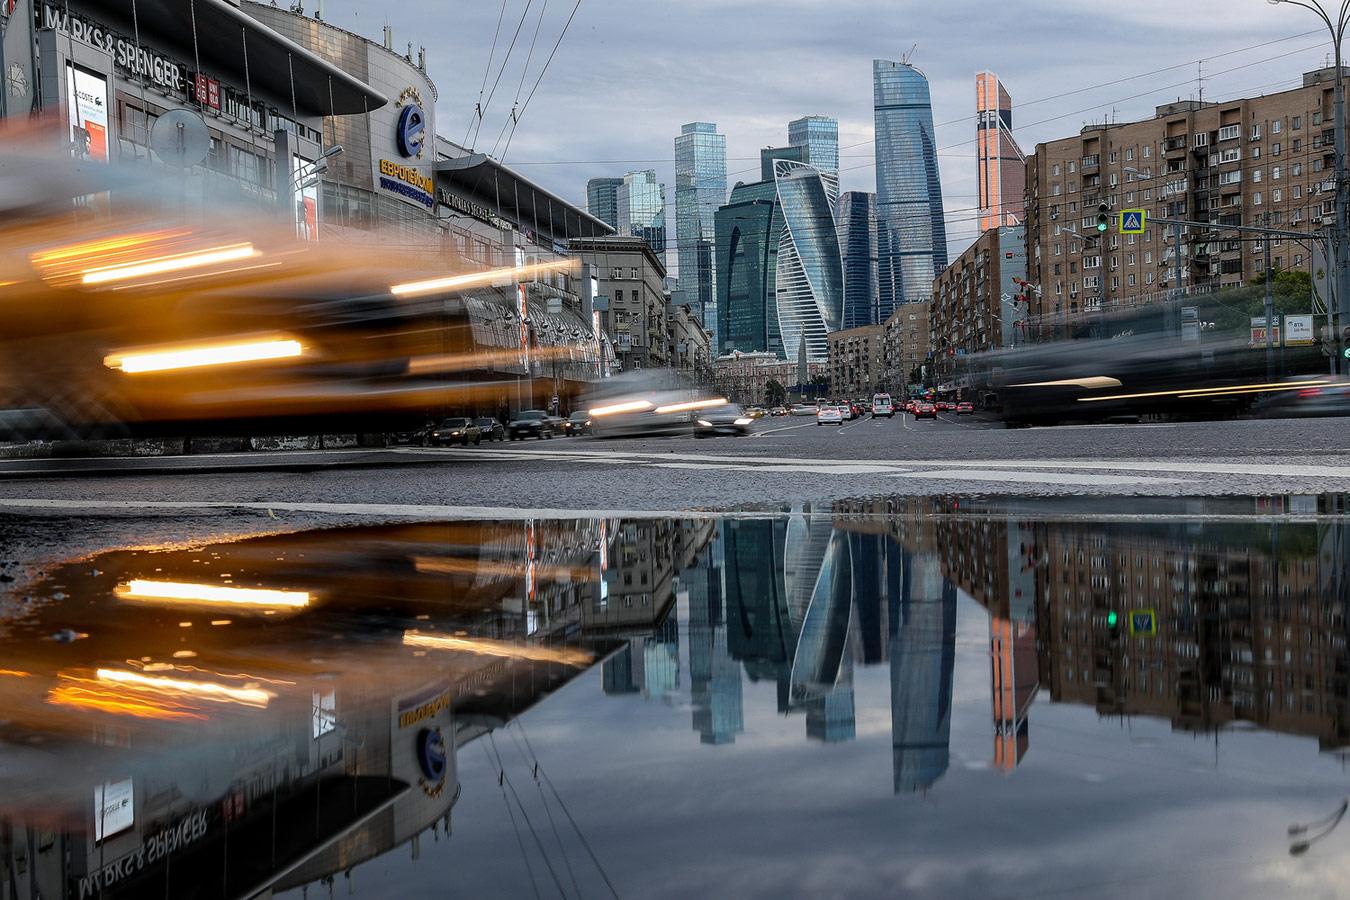 Казаков Александр / Московский ритм, Выбор «Вечерней Москвы», Фотоконкурс «Планета Москва»